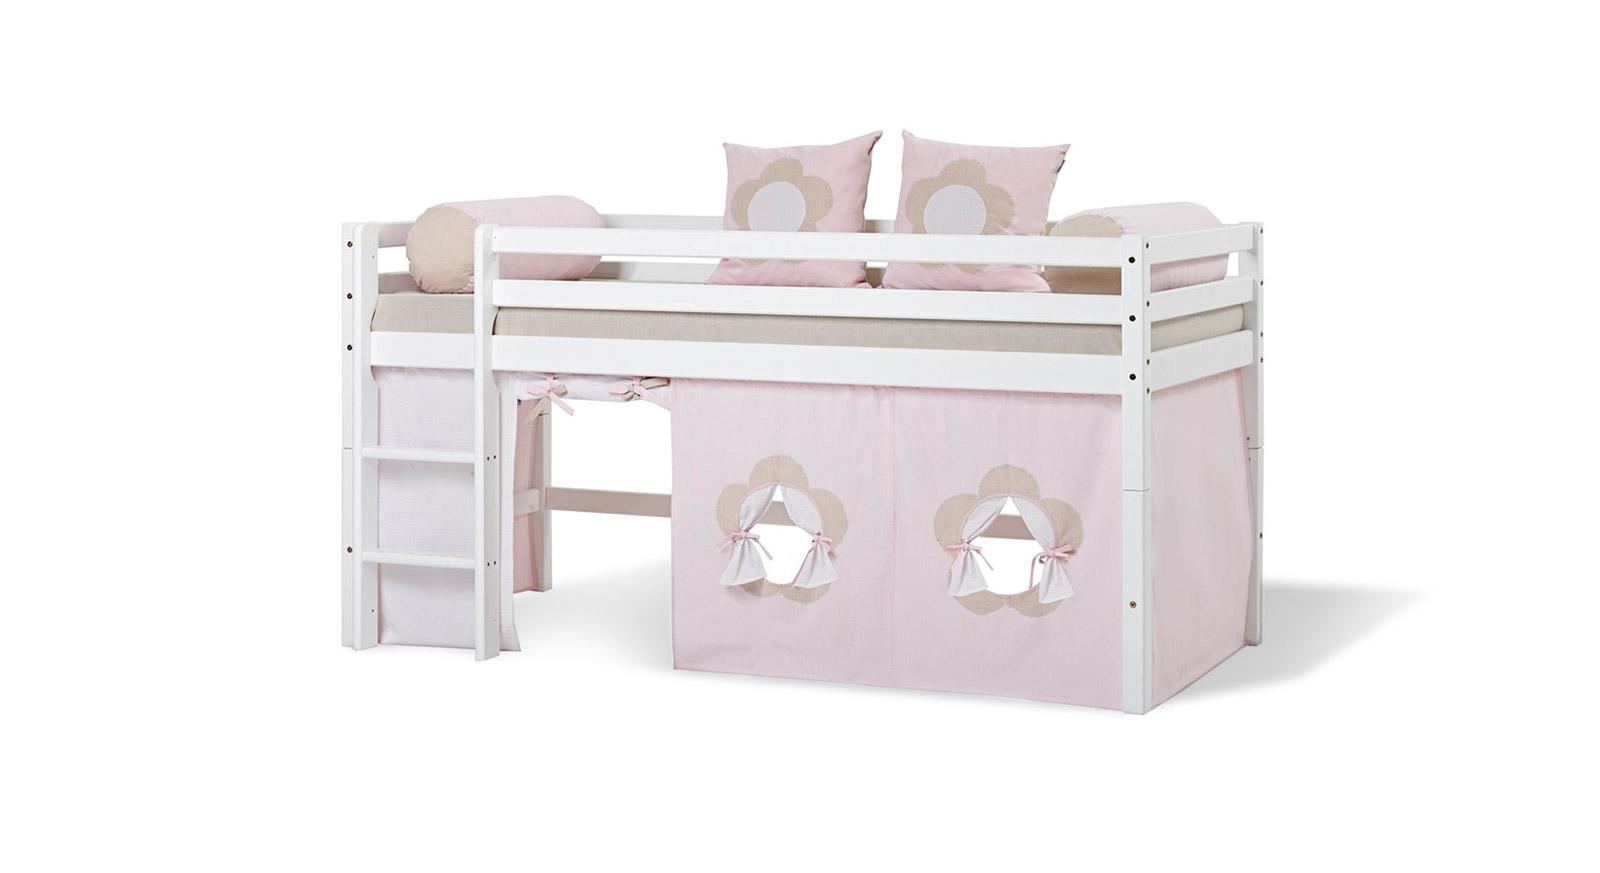 Spielvorhang Kids Heaven mit Prinzessin-Design in Rosa